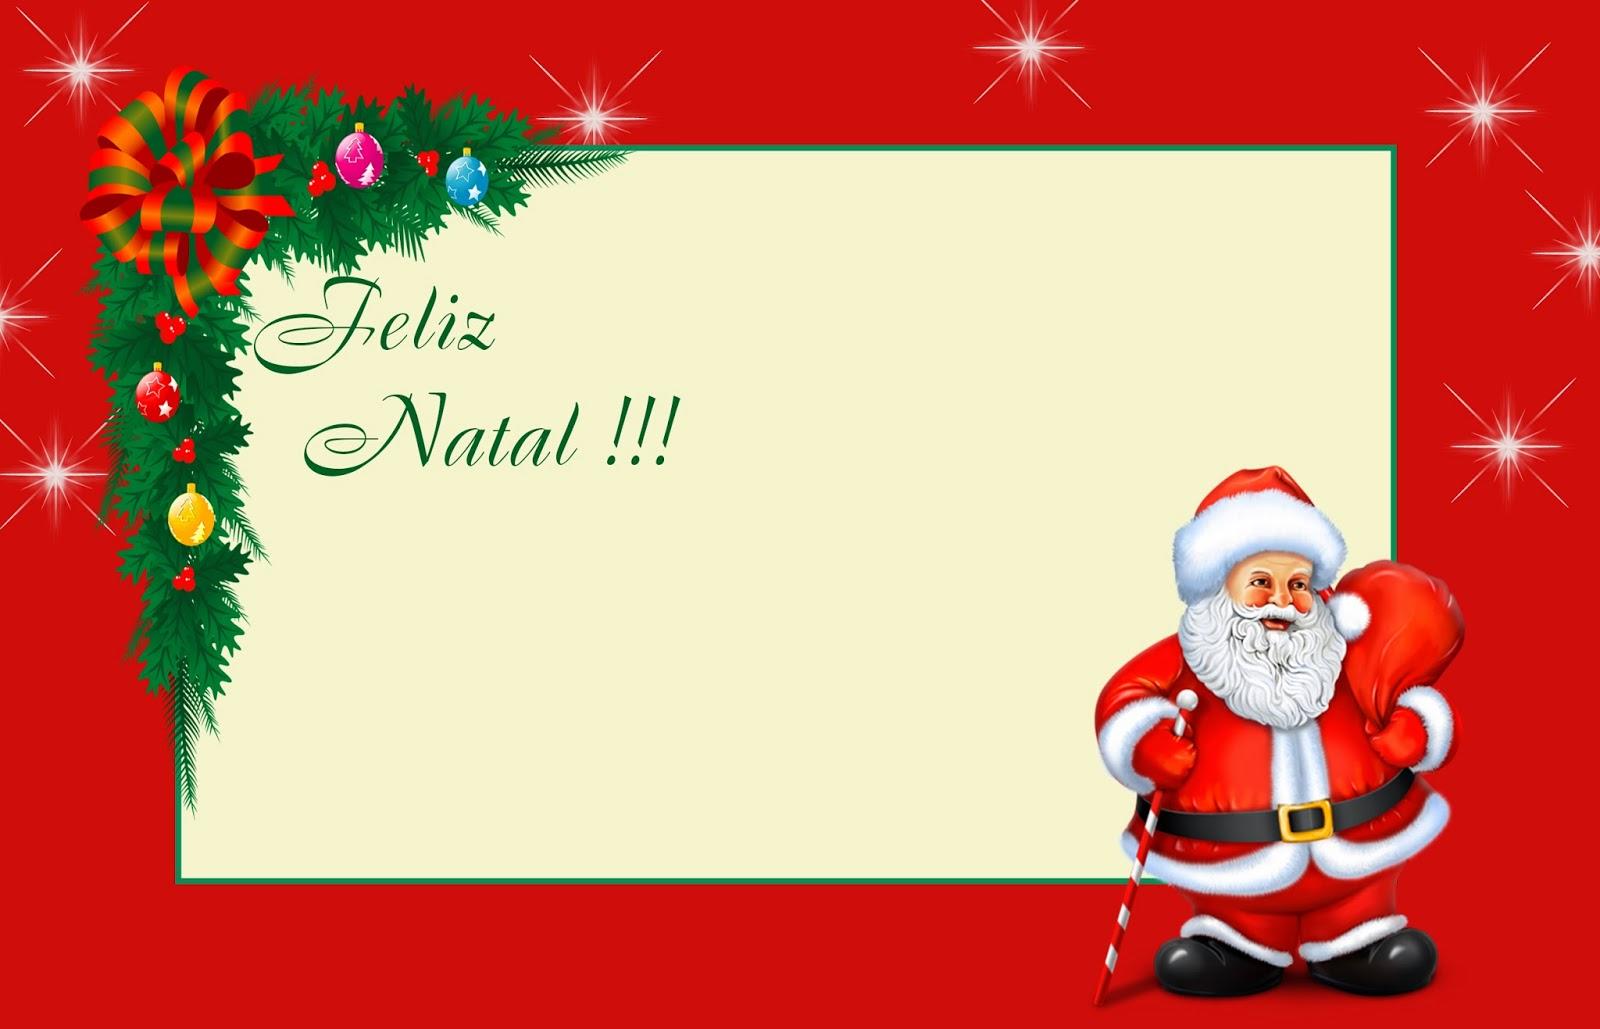 Cartoes De Natal E Molduras De Natal Em Png Convites Digitais